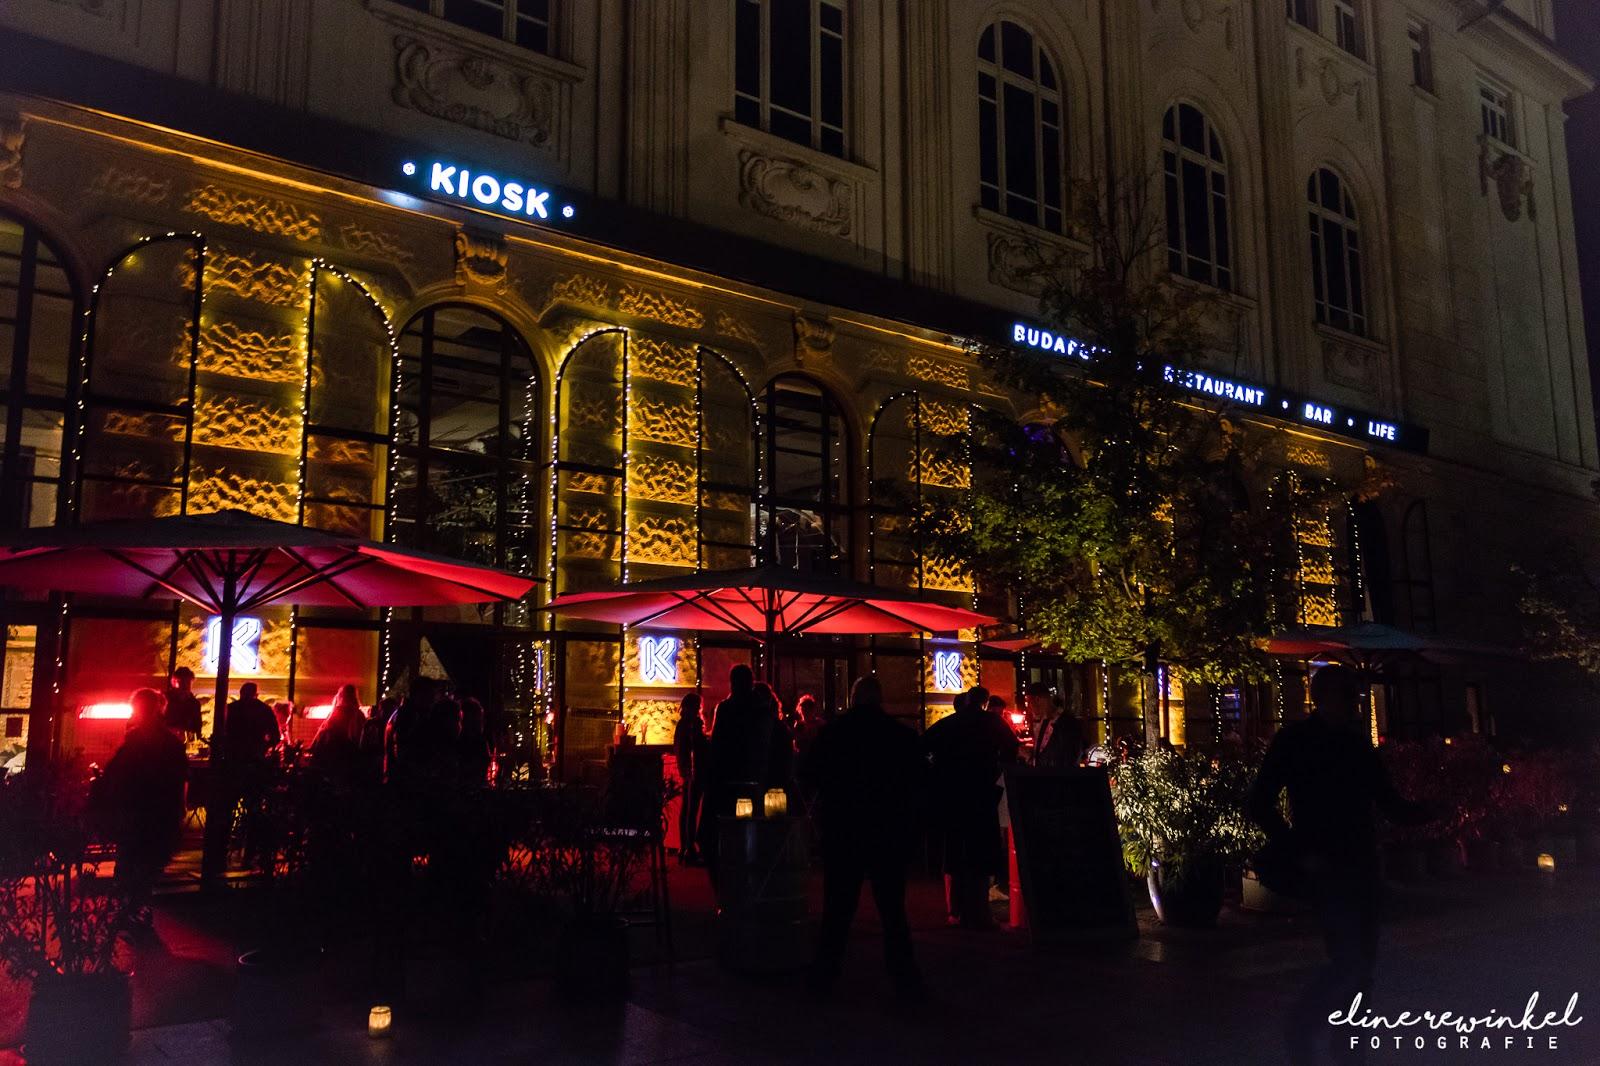 Hotspot in Budapest: Kiosk